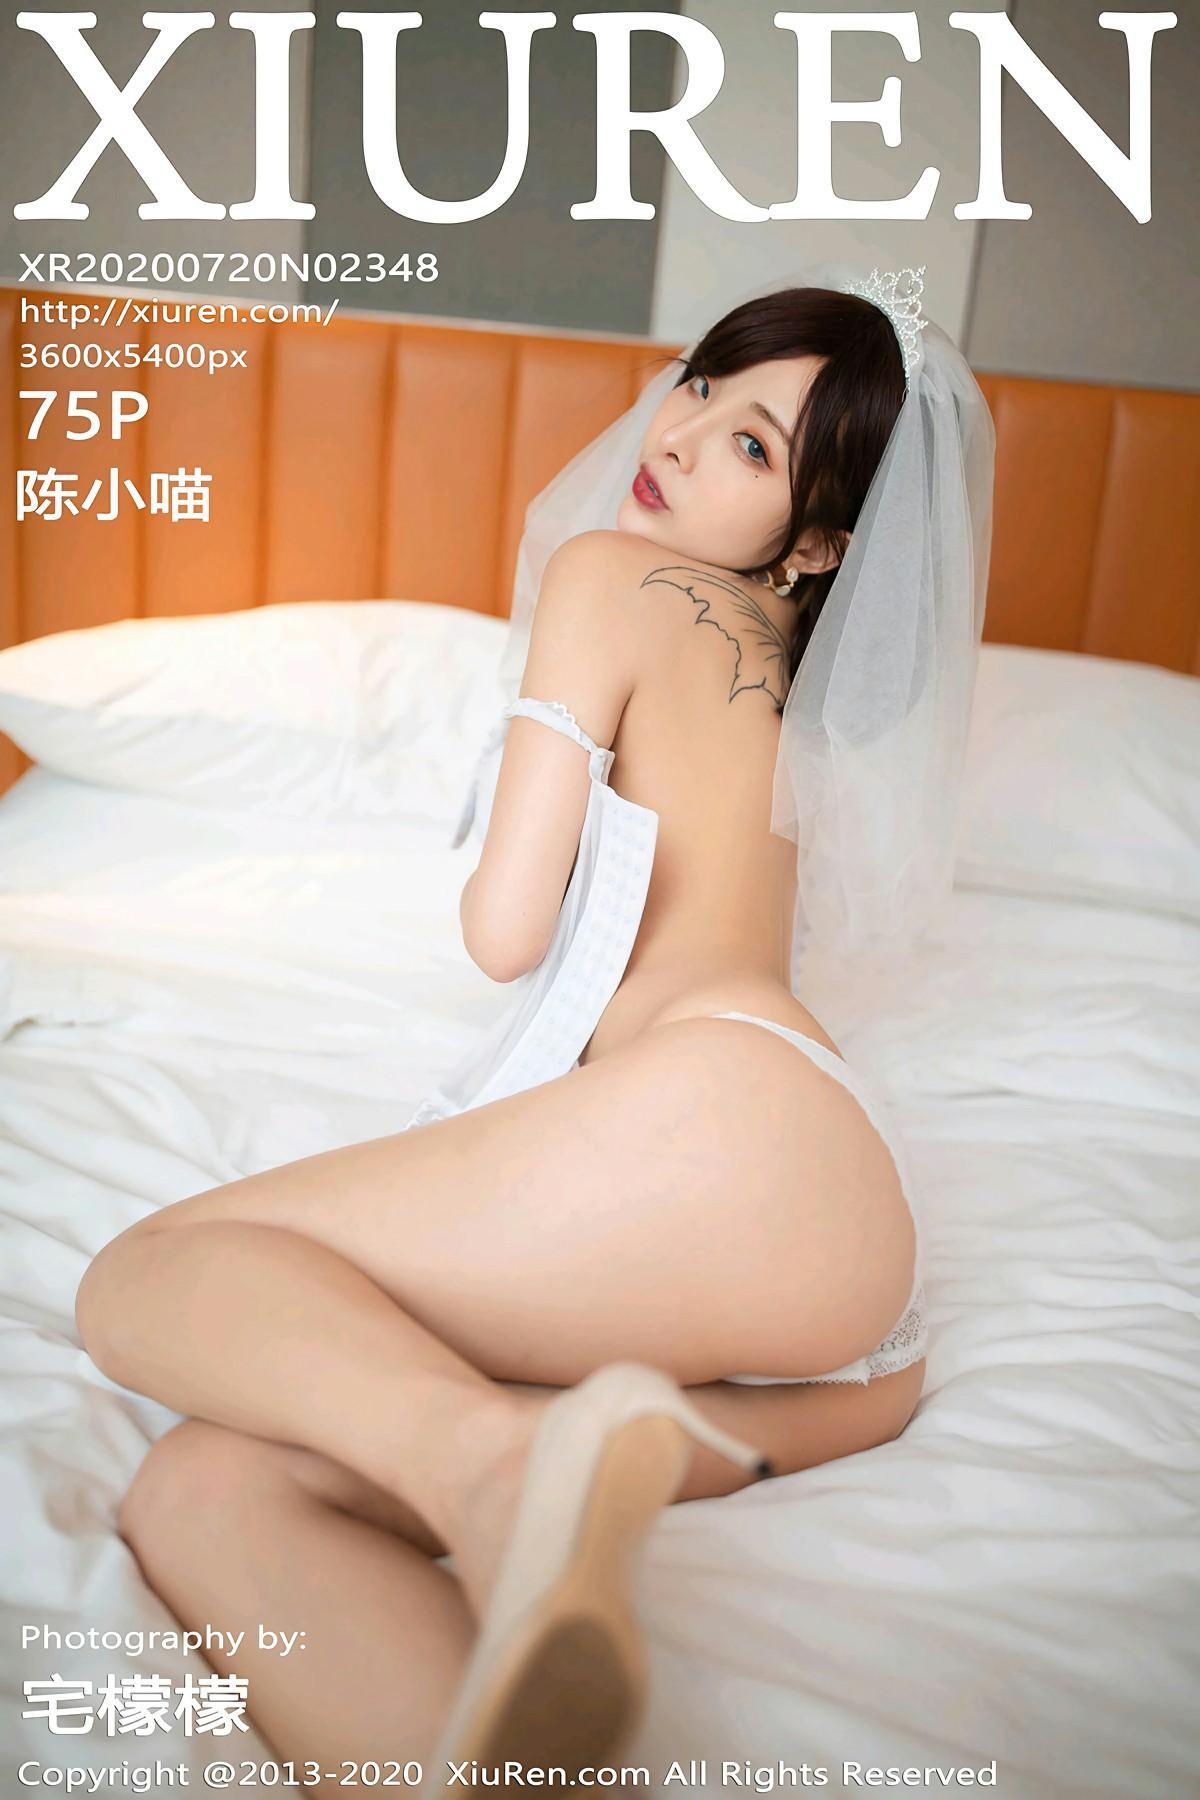 [XiuRen秀人网] 2020.07.20 No.2348 陈小喵 第1张